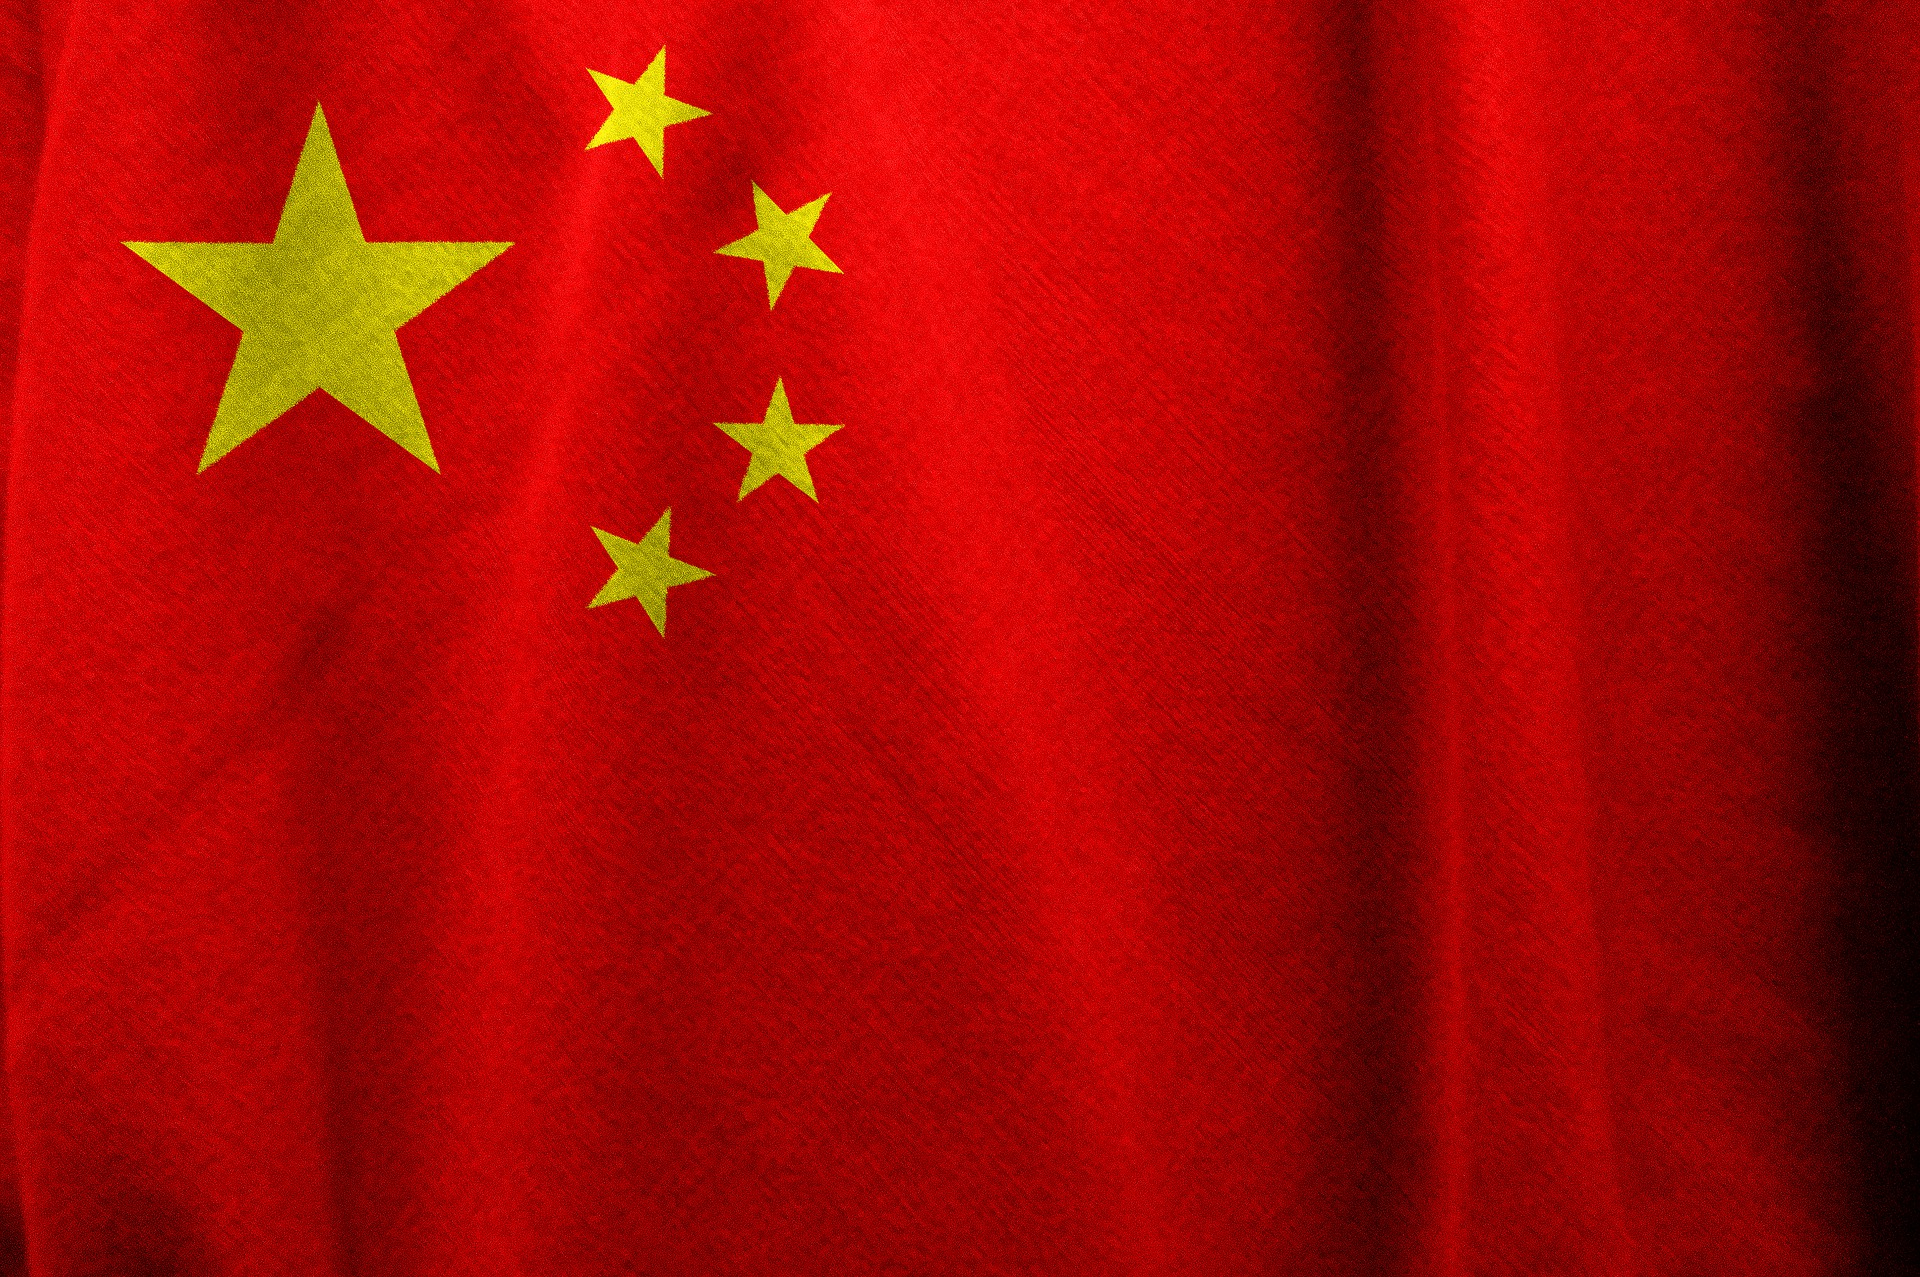 Véletlenül tettek közzé a kínaiak egy tanulmányt, ami szerint az ujgur népesség csökkentése a céljuk